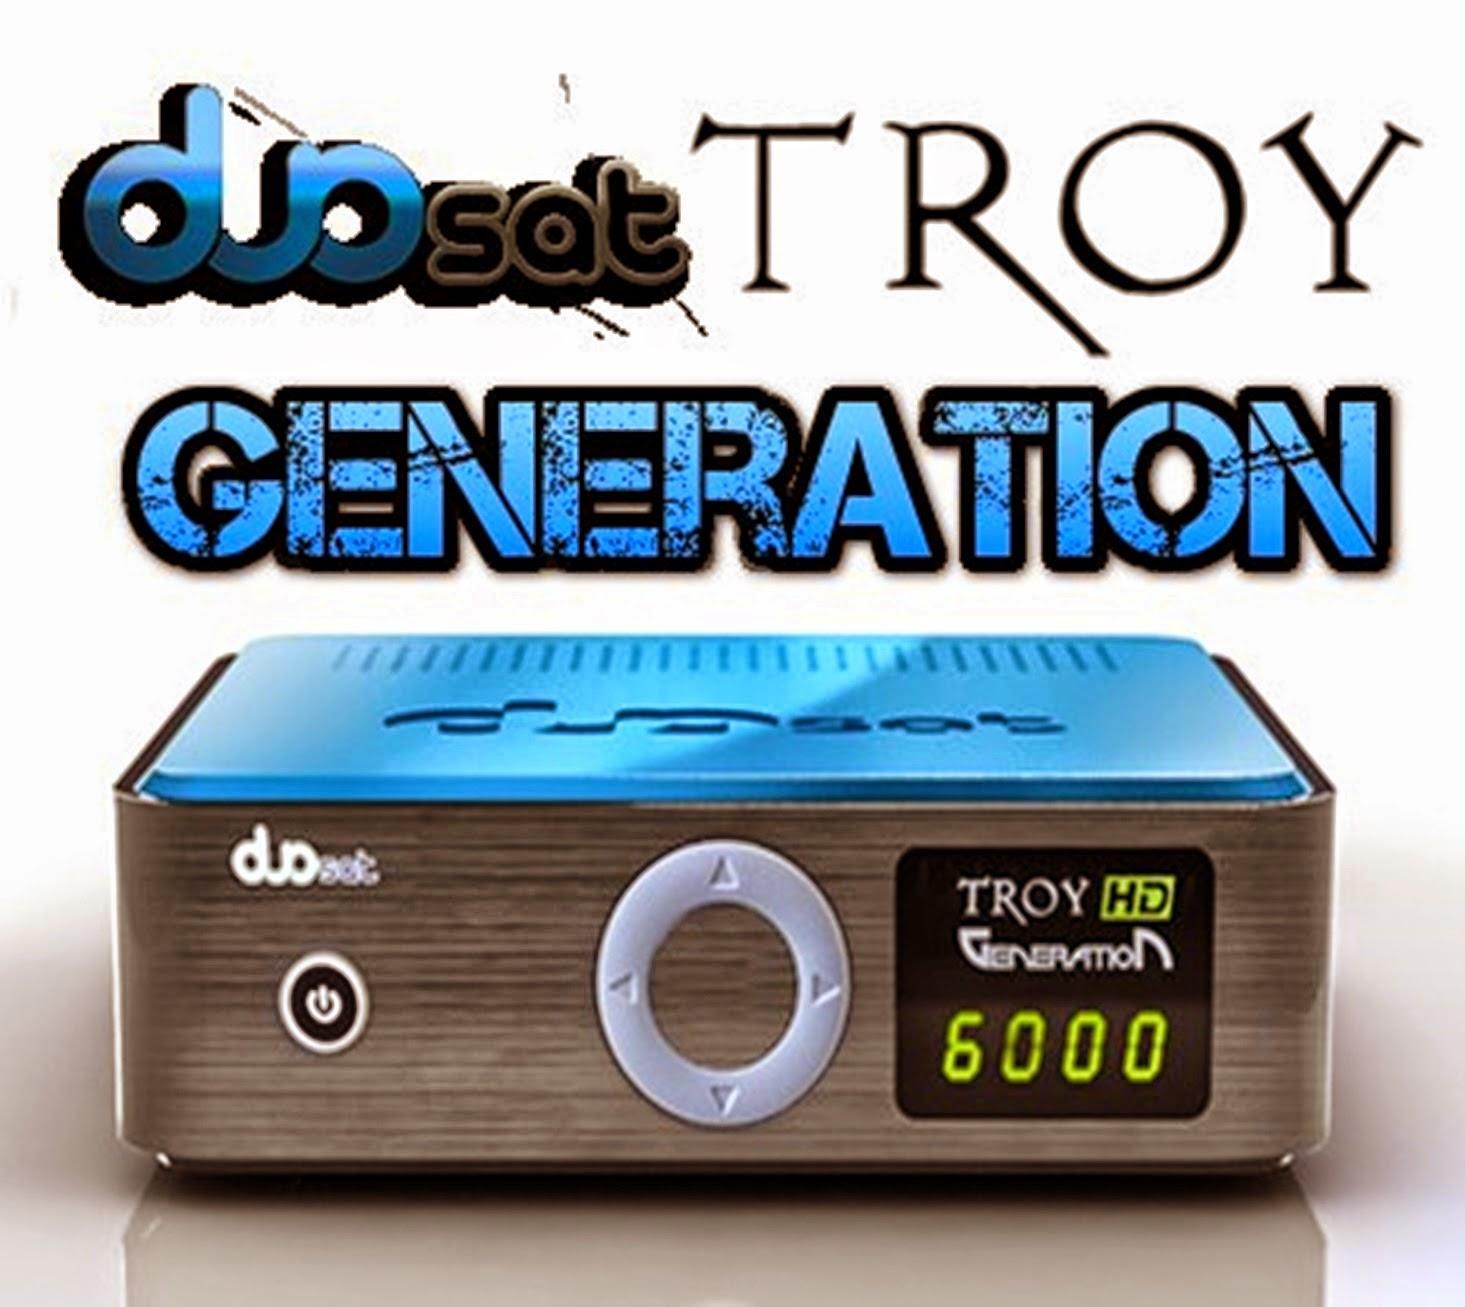 Colocar CS duosat troy generation ATUALIZAÇÃO DUOSAT TROYG (versão: 146 ) 30/09/2015 comprar cs